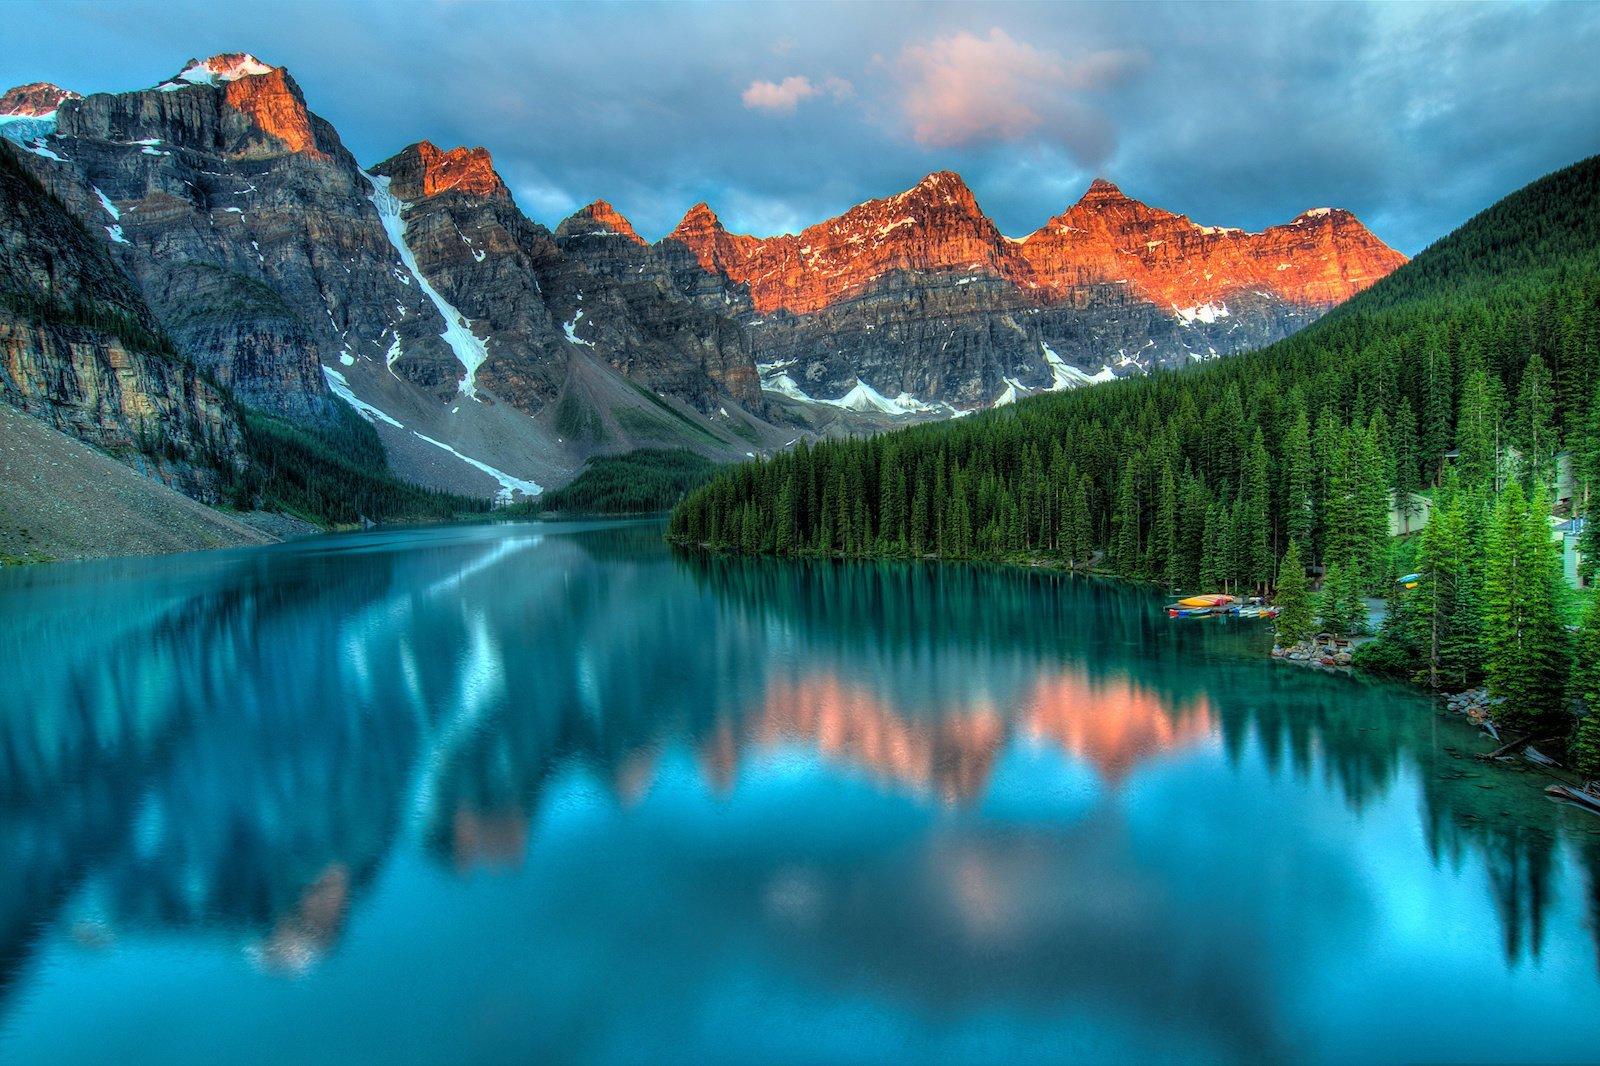 Озеро Морейн, Канада красивые места, мир, природа, путешествия, сказка